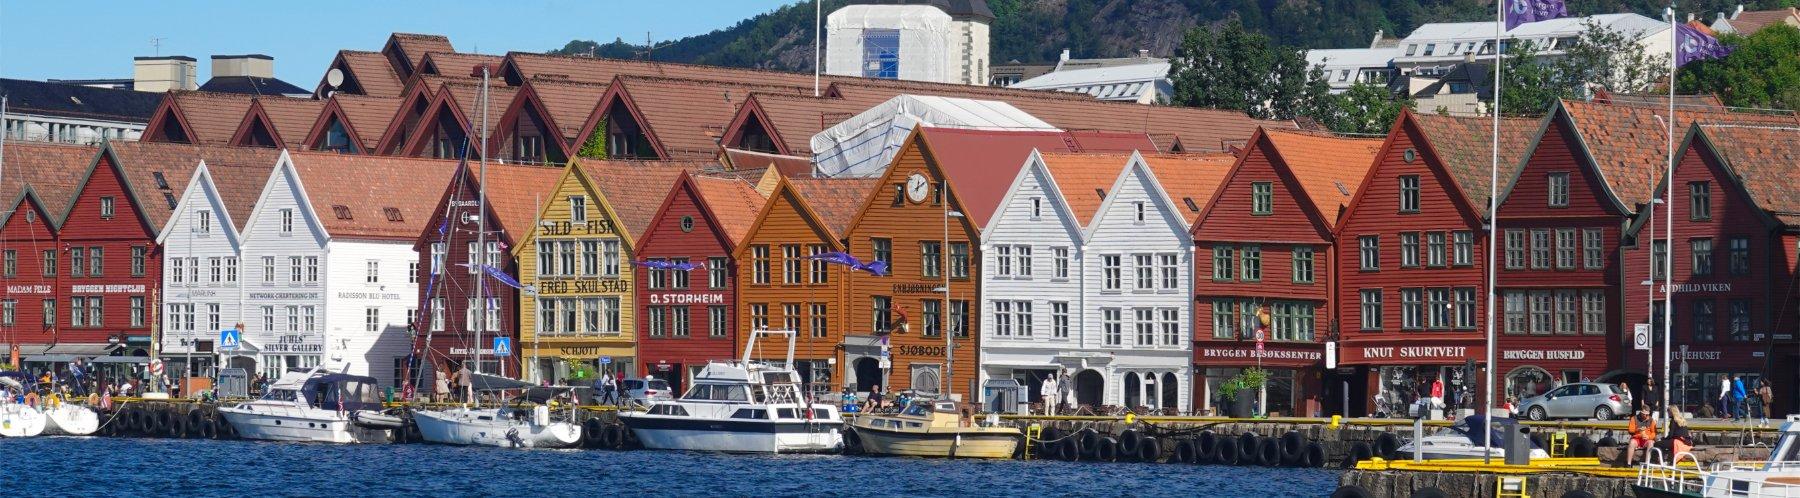 Hanseviertel Bergen